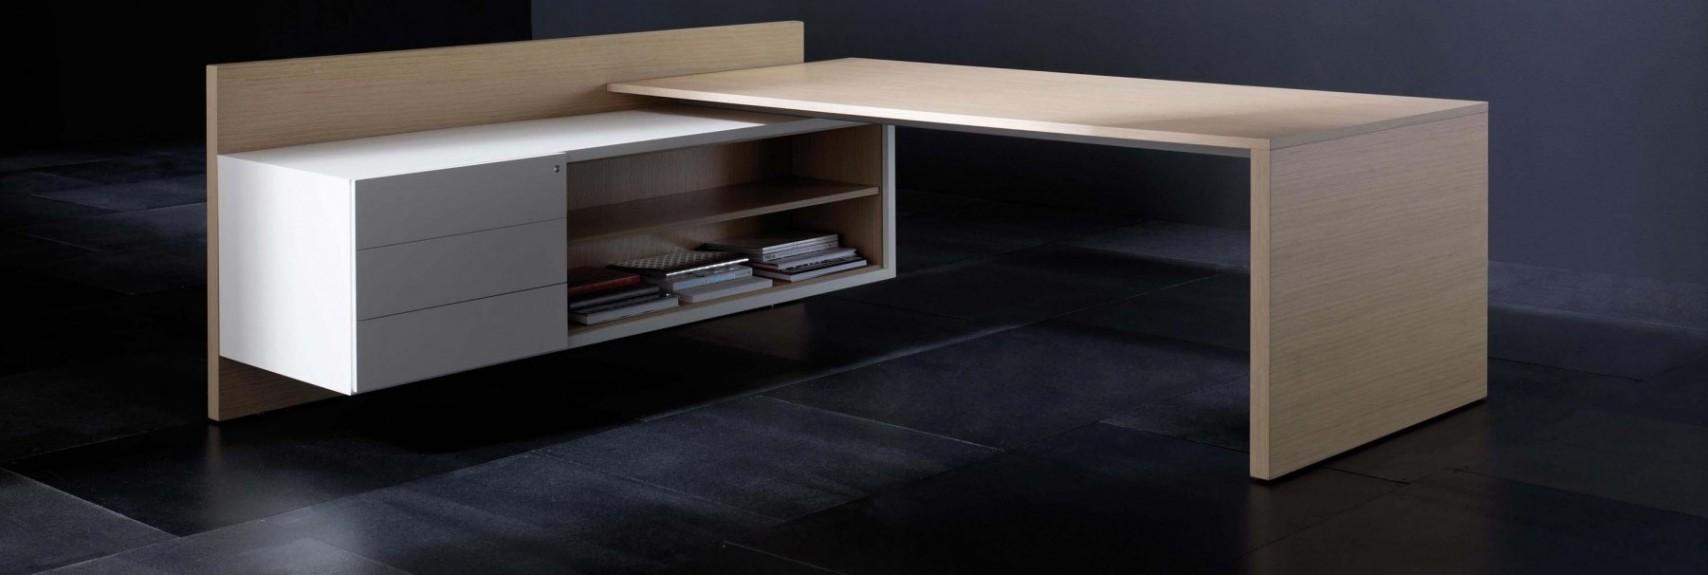 Muebles directo mobiliario de oficina en asturias for Muebles de oficina oviedo